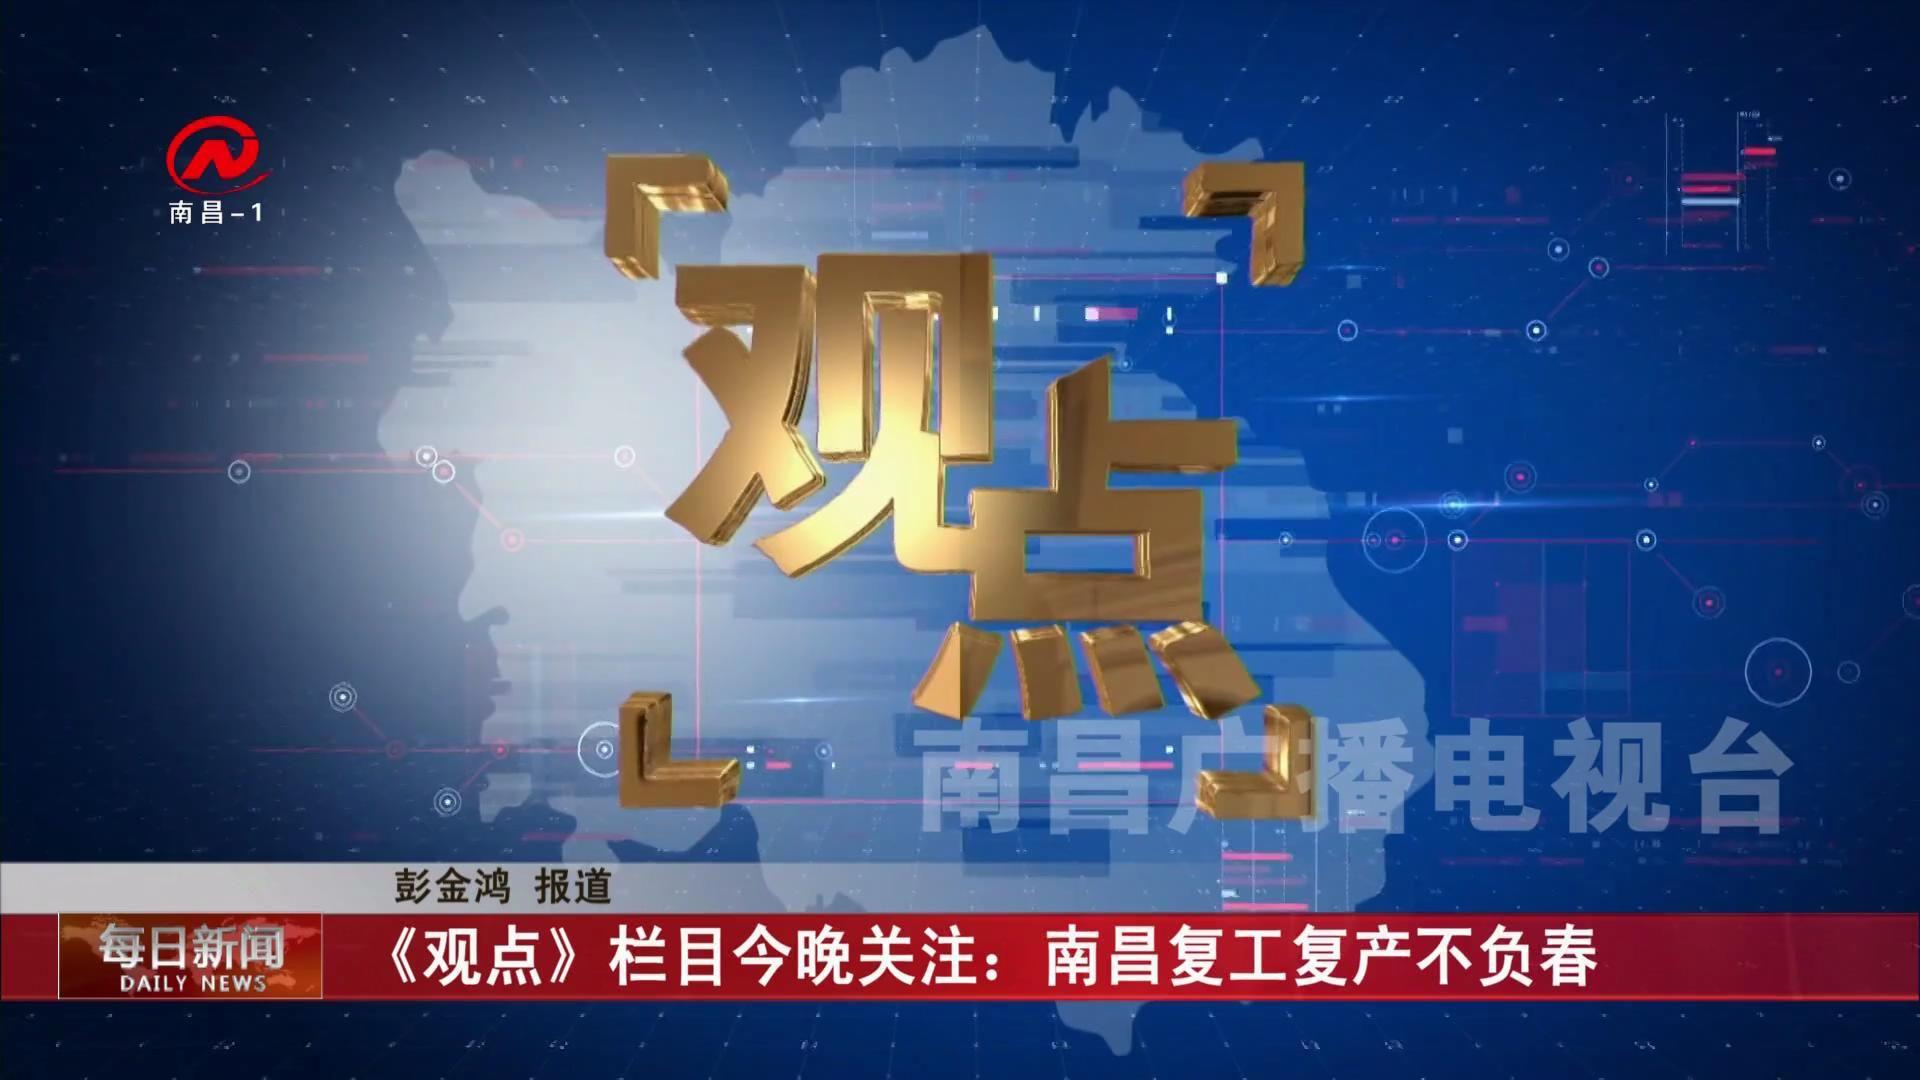 《观点》栏目今晚关注:南昌复工复产不负春